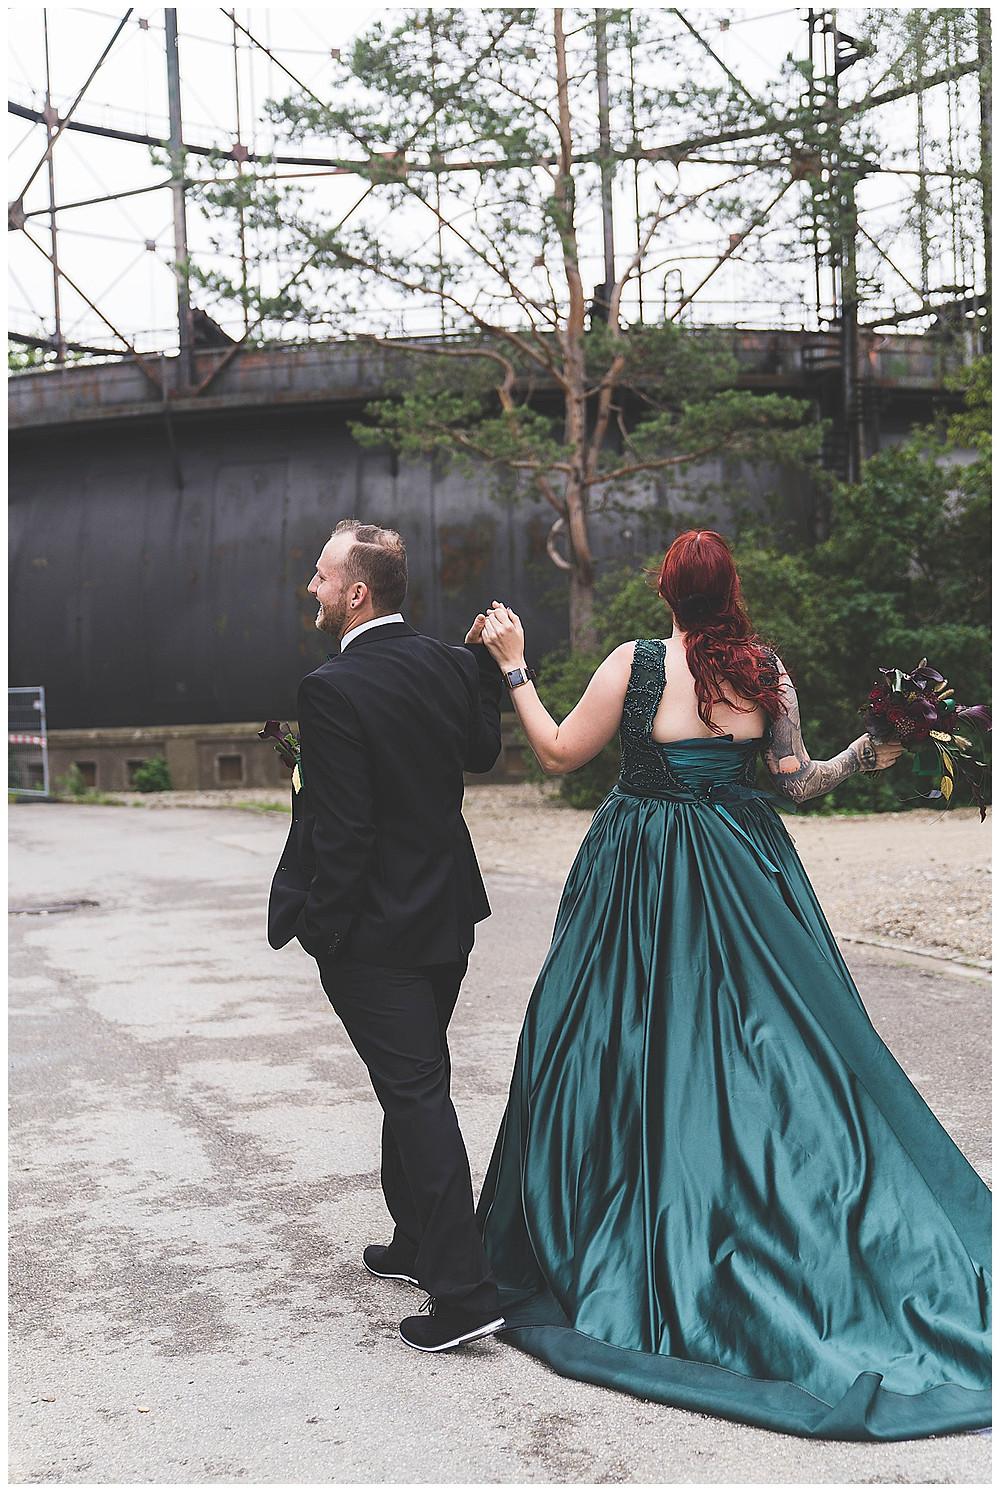 Brautpaar läuft weg